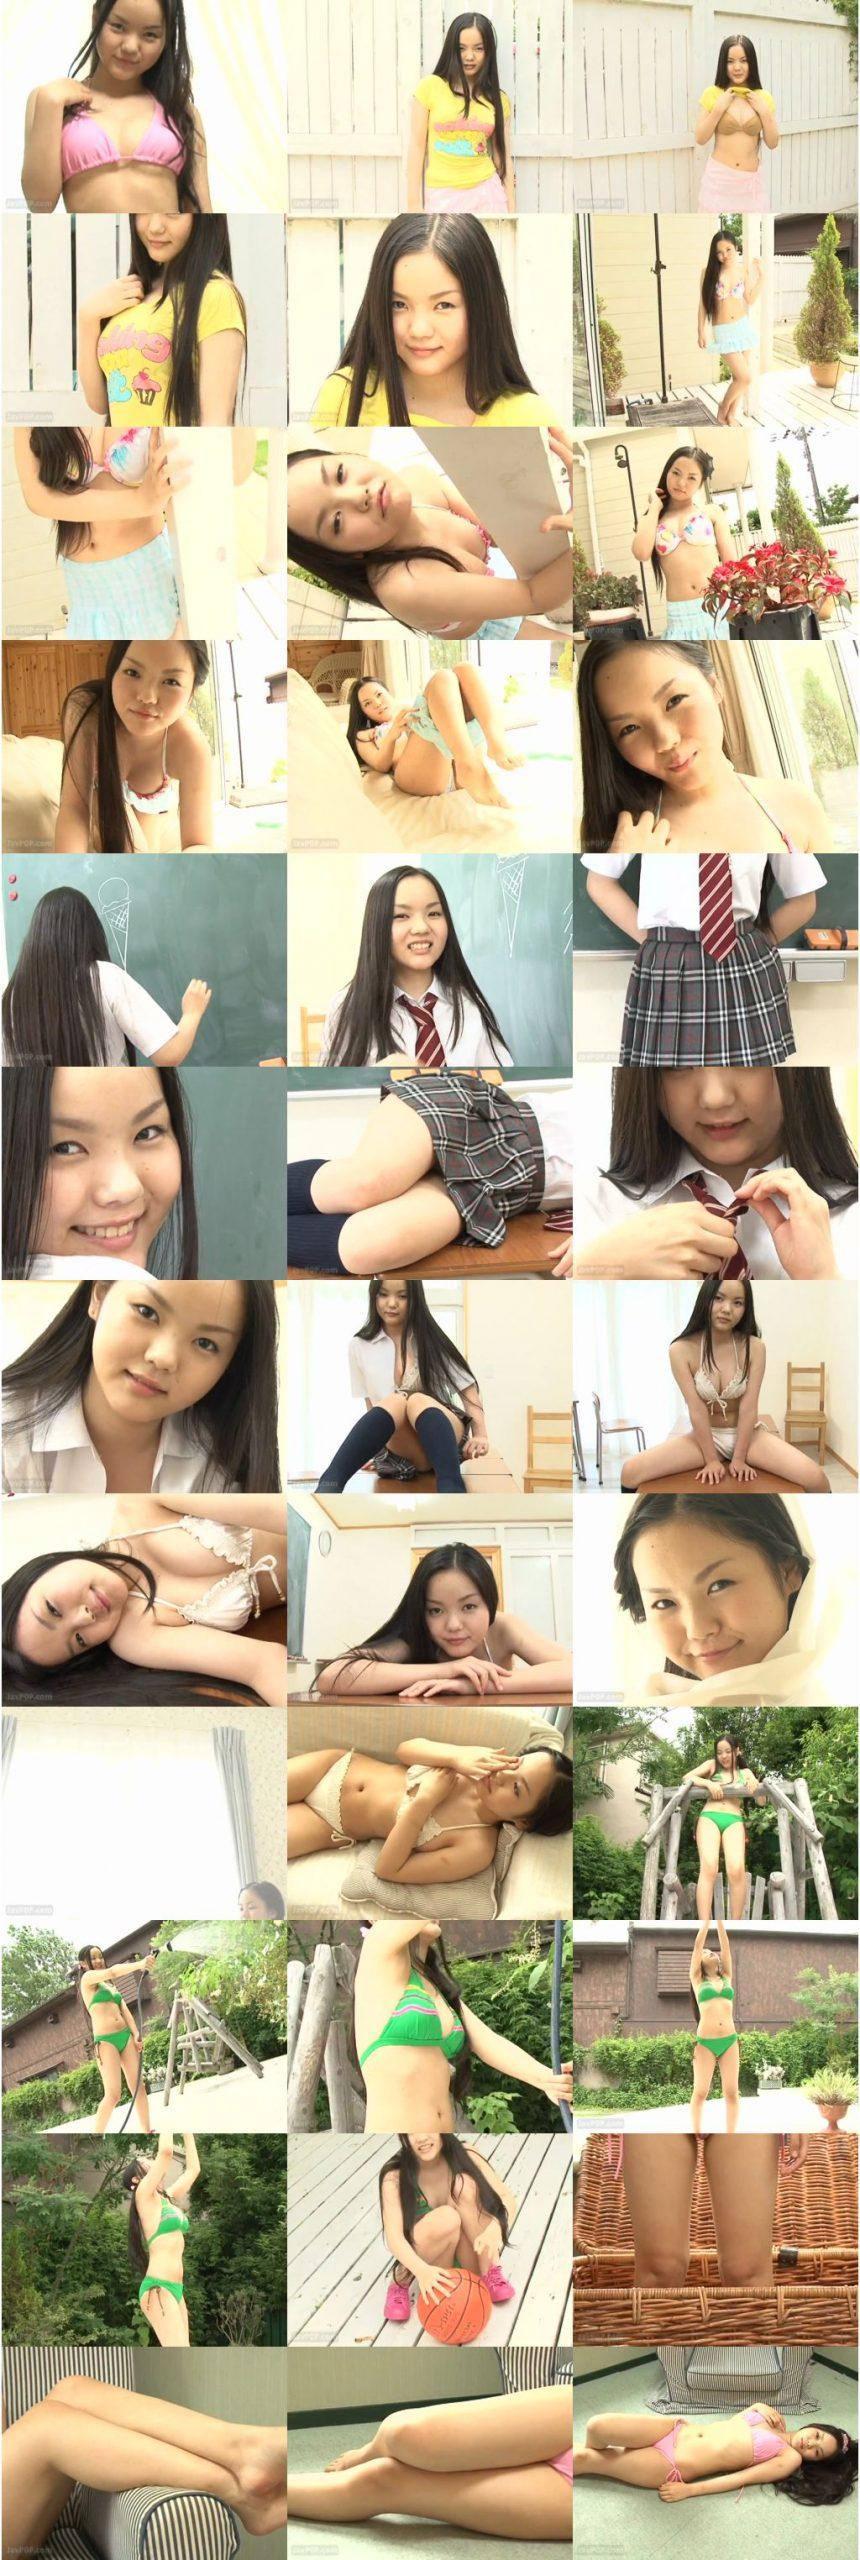 cpsky 201 sara mizuki s scaled - [CPSKY-201] 水城サラ Sara Mizuki – 14歳中2 @クレープDVD VOL.6